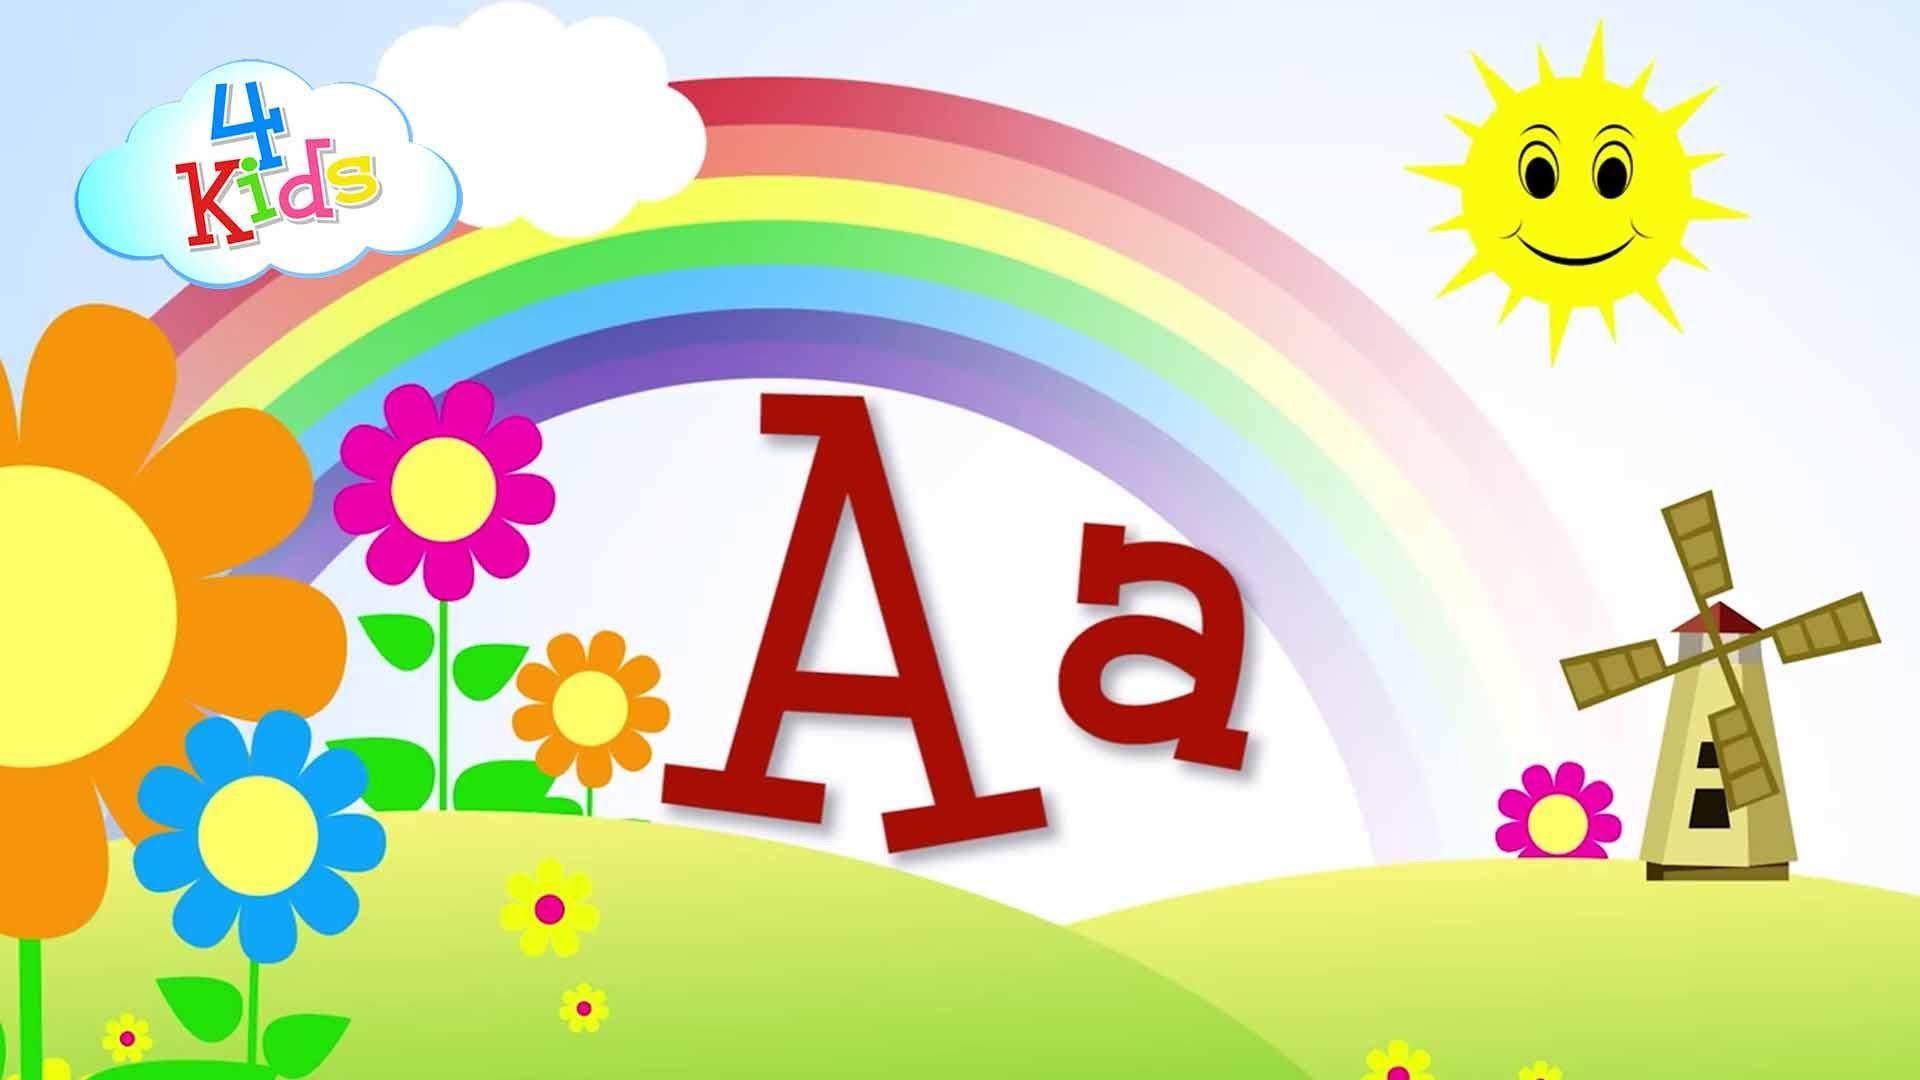 abcabc buchstaben lernen für kinder alphabet in groß